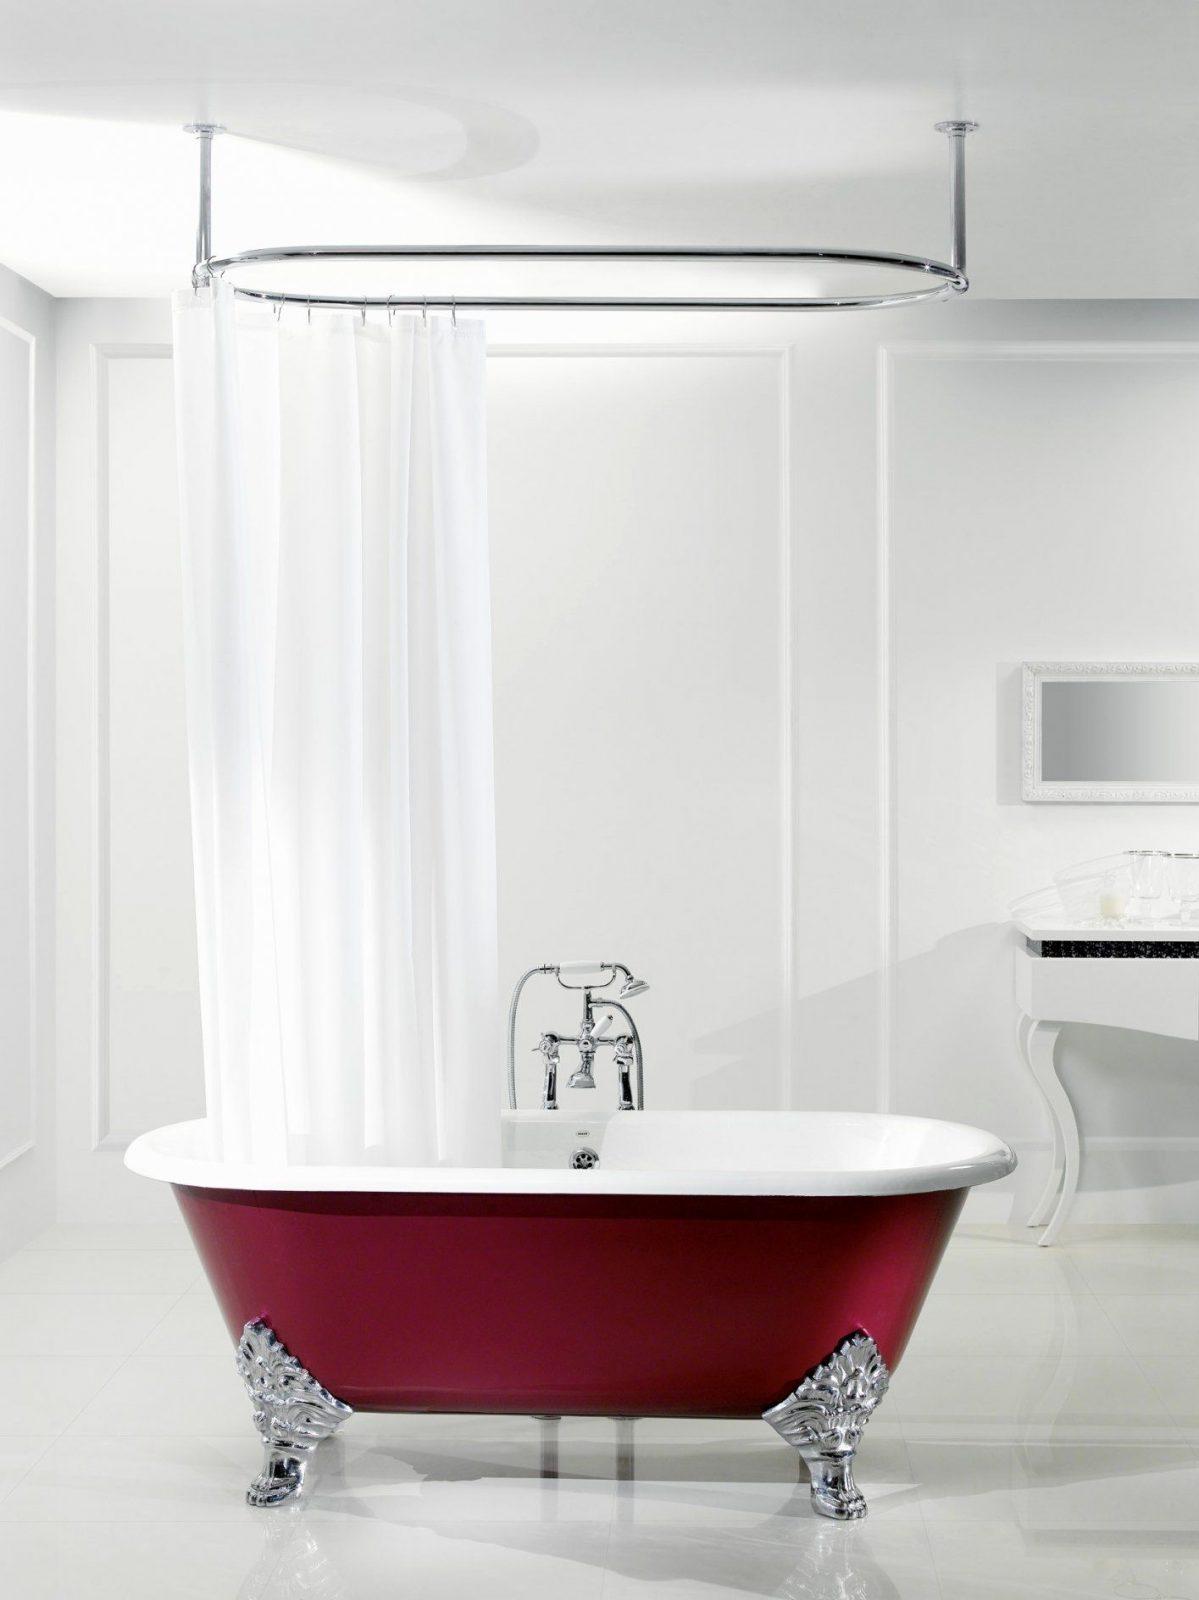 Duschvorhangstange Badewanne U Form Stilvolle Badewanne von Duschvorhangstange Badewanne U Form Photo